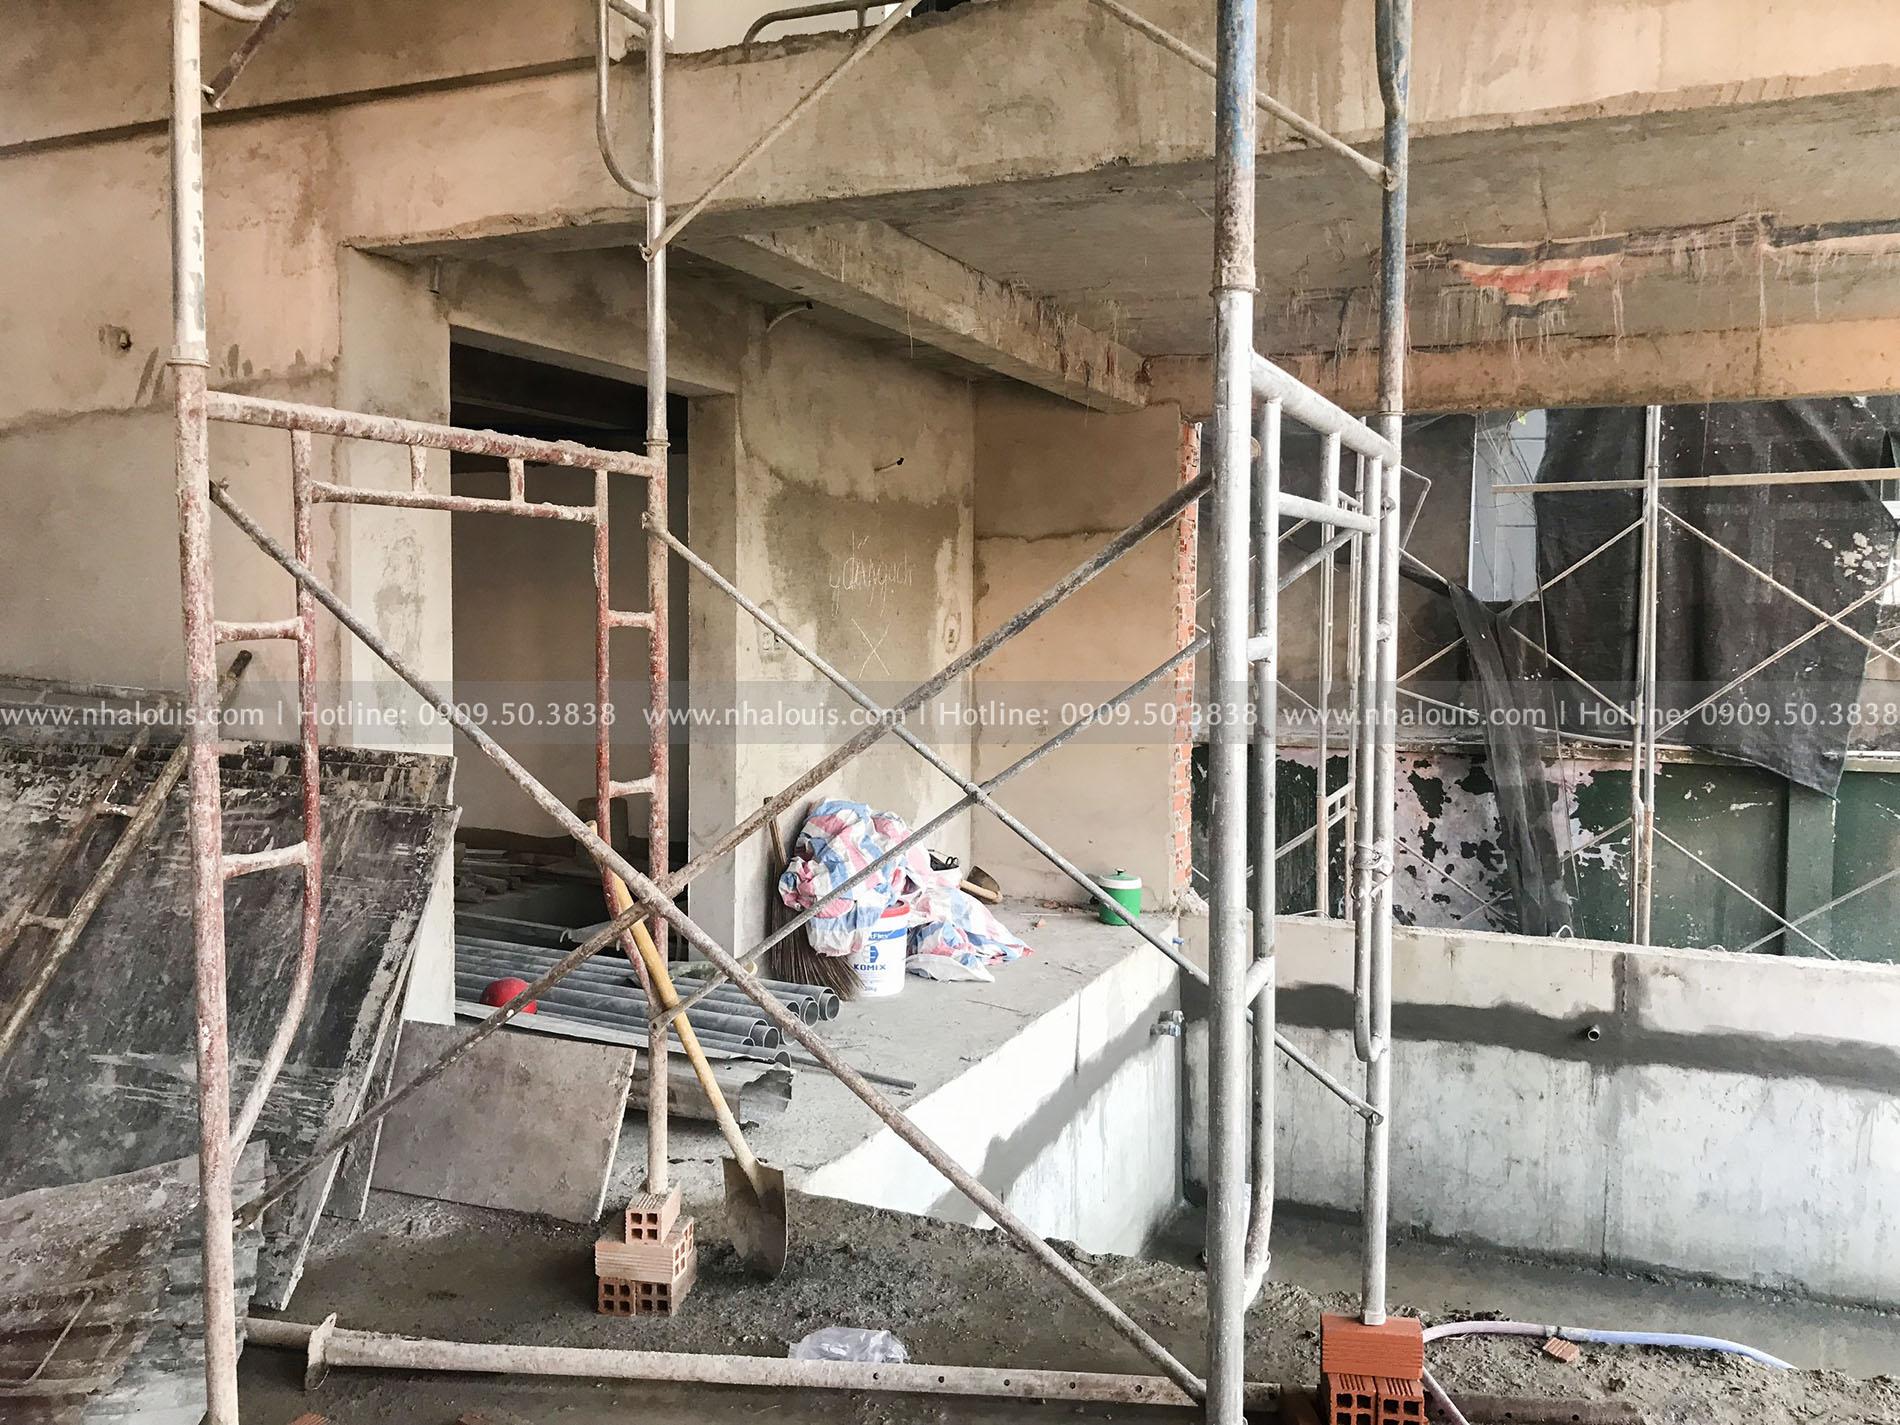 Thiết kế biệt thự hiện đại có tầng hầm kiên cố tại Bình Tân